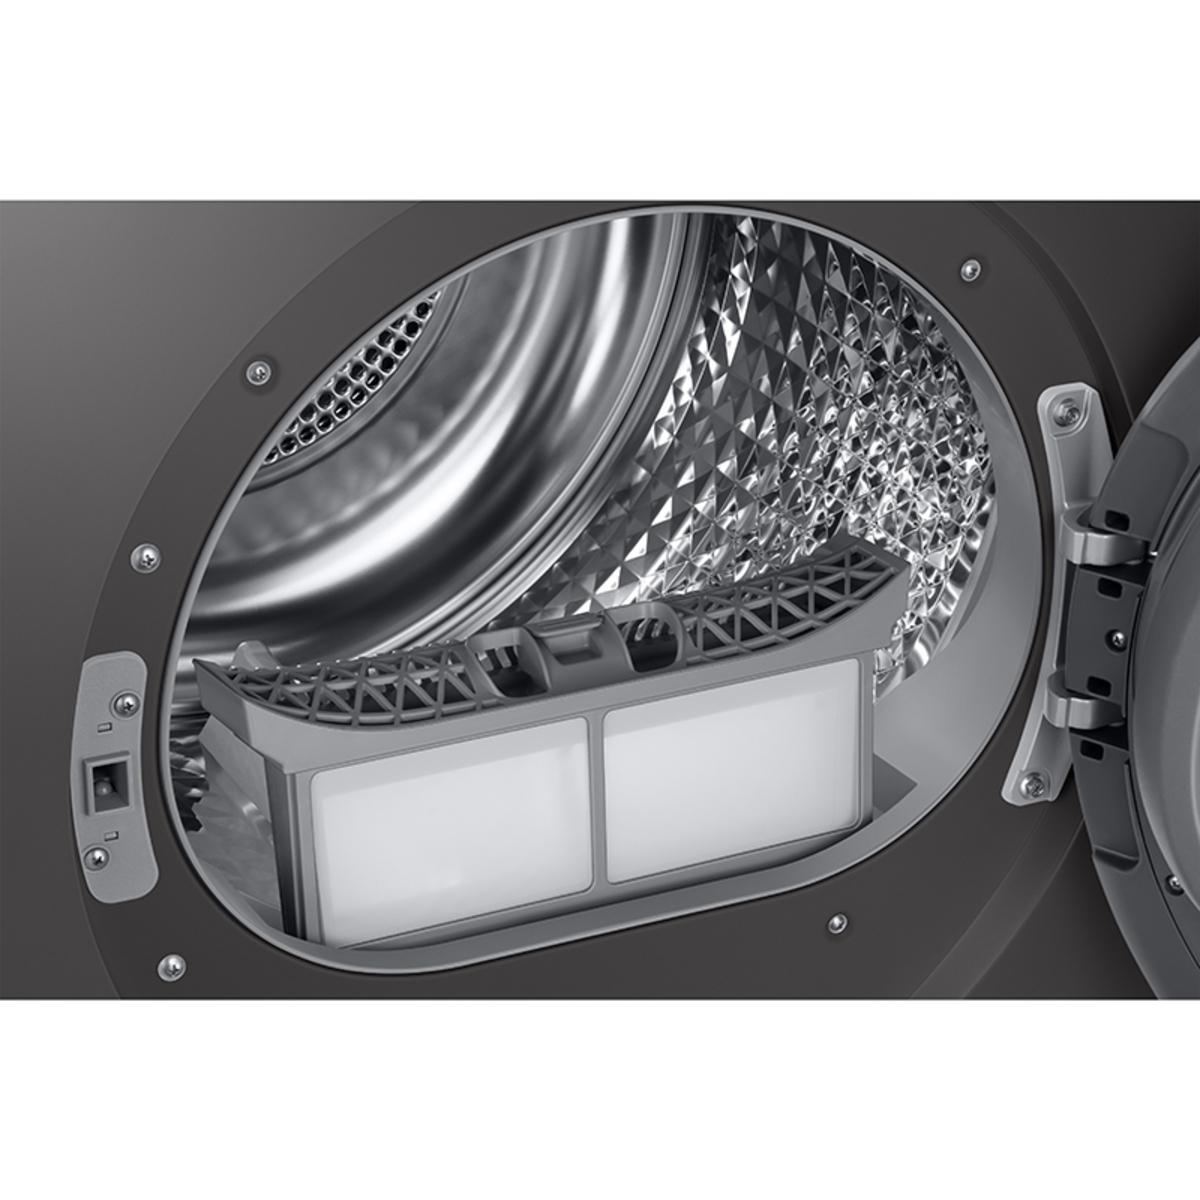 Samsung DV80T5220AX/S1 A+++ 8kg Heat Pump Tumble Dryer, Graphite